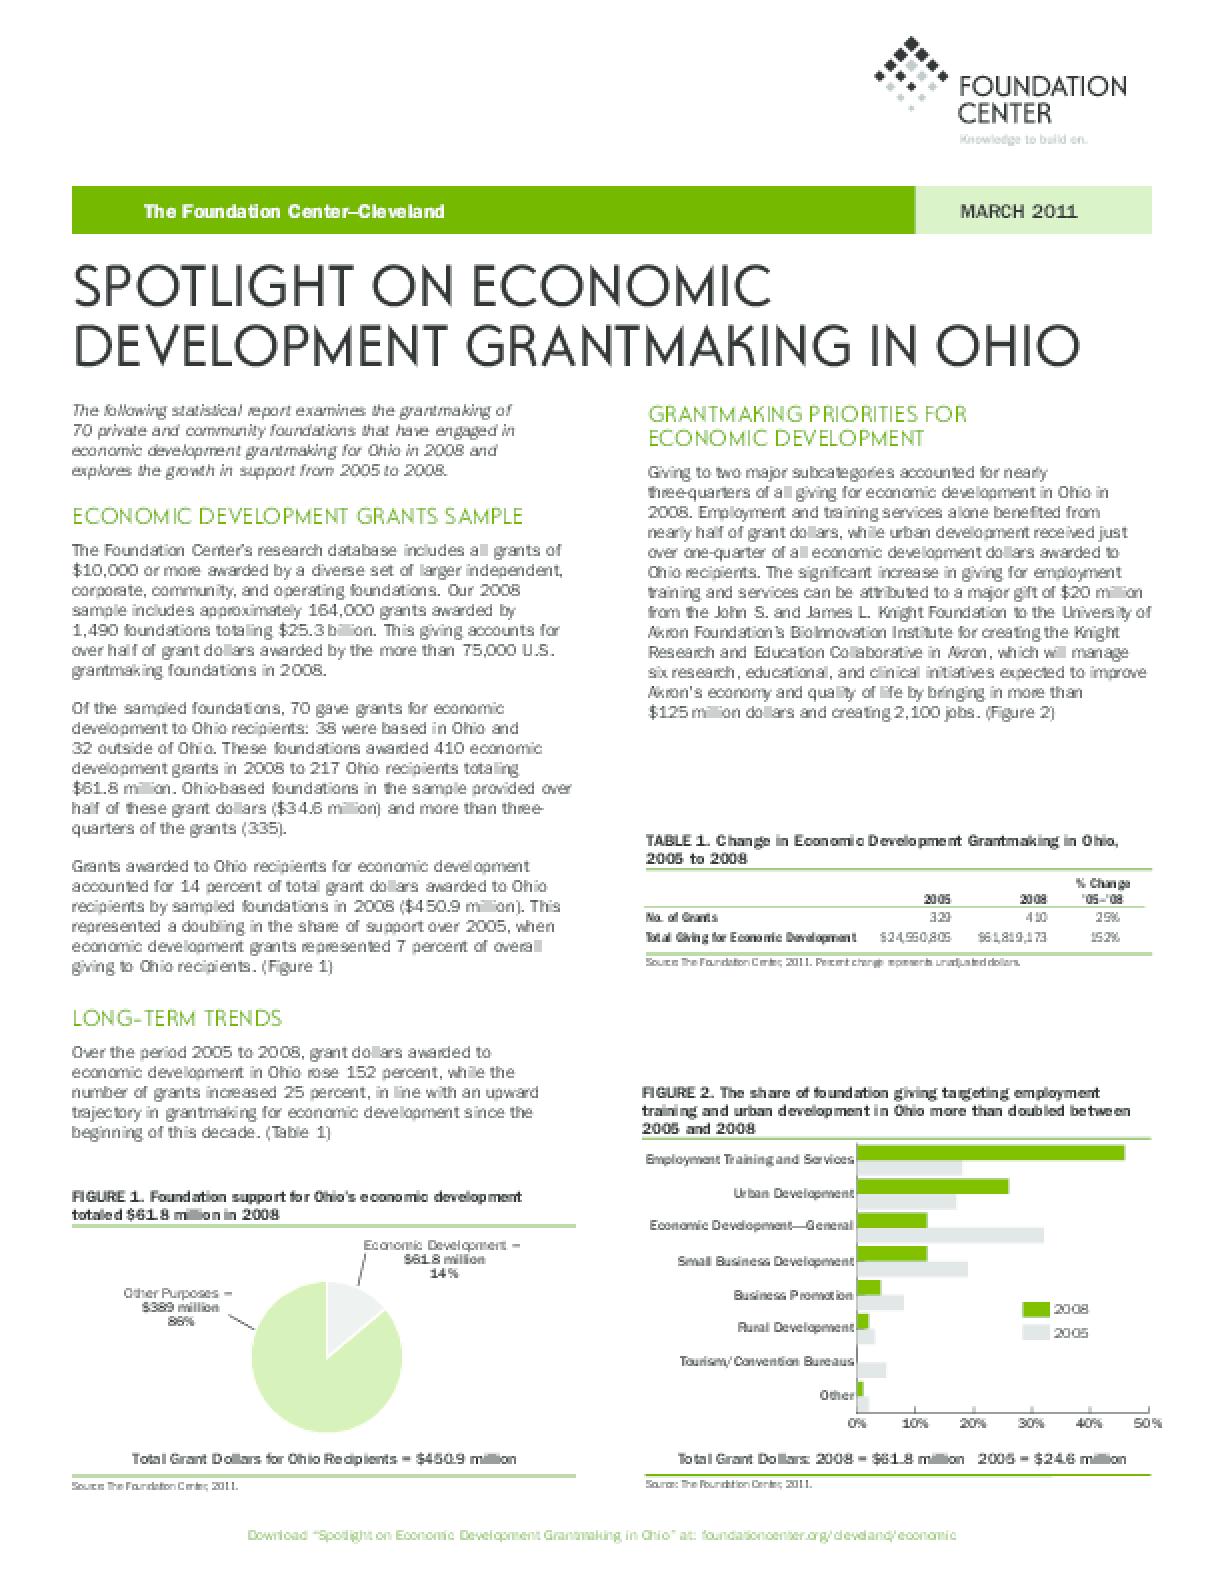 Spotlight on Economic Development Grantmaking in Ohio 2011